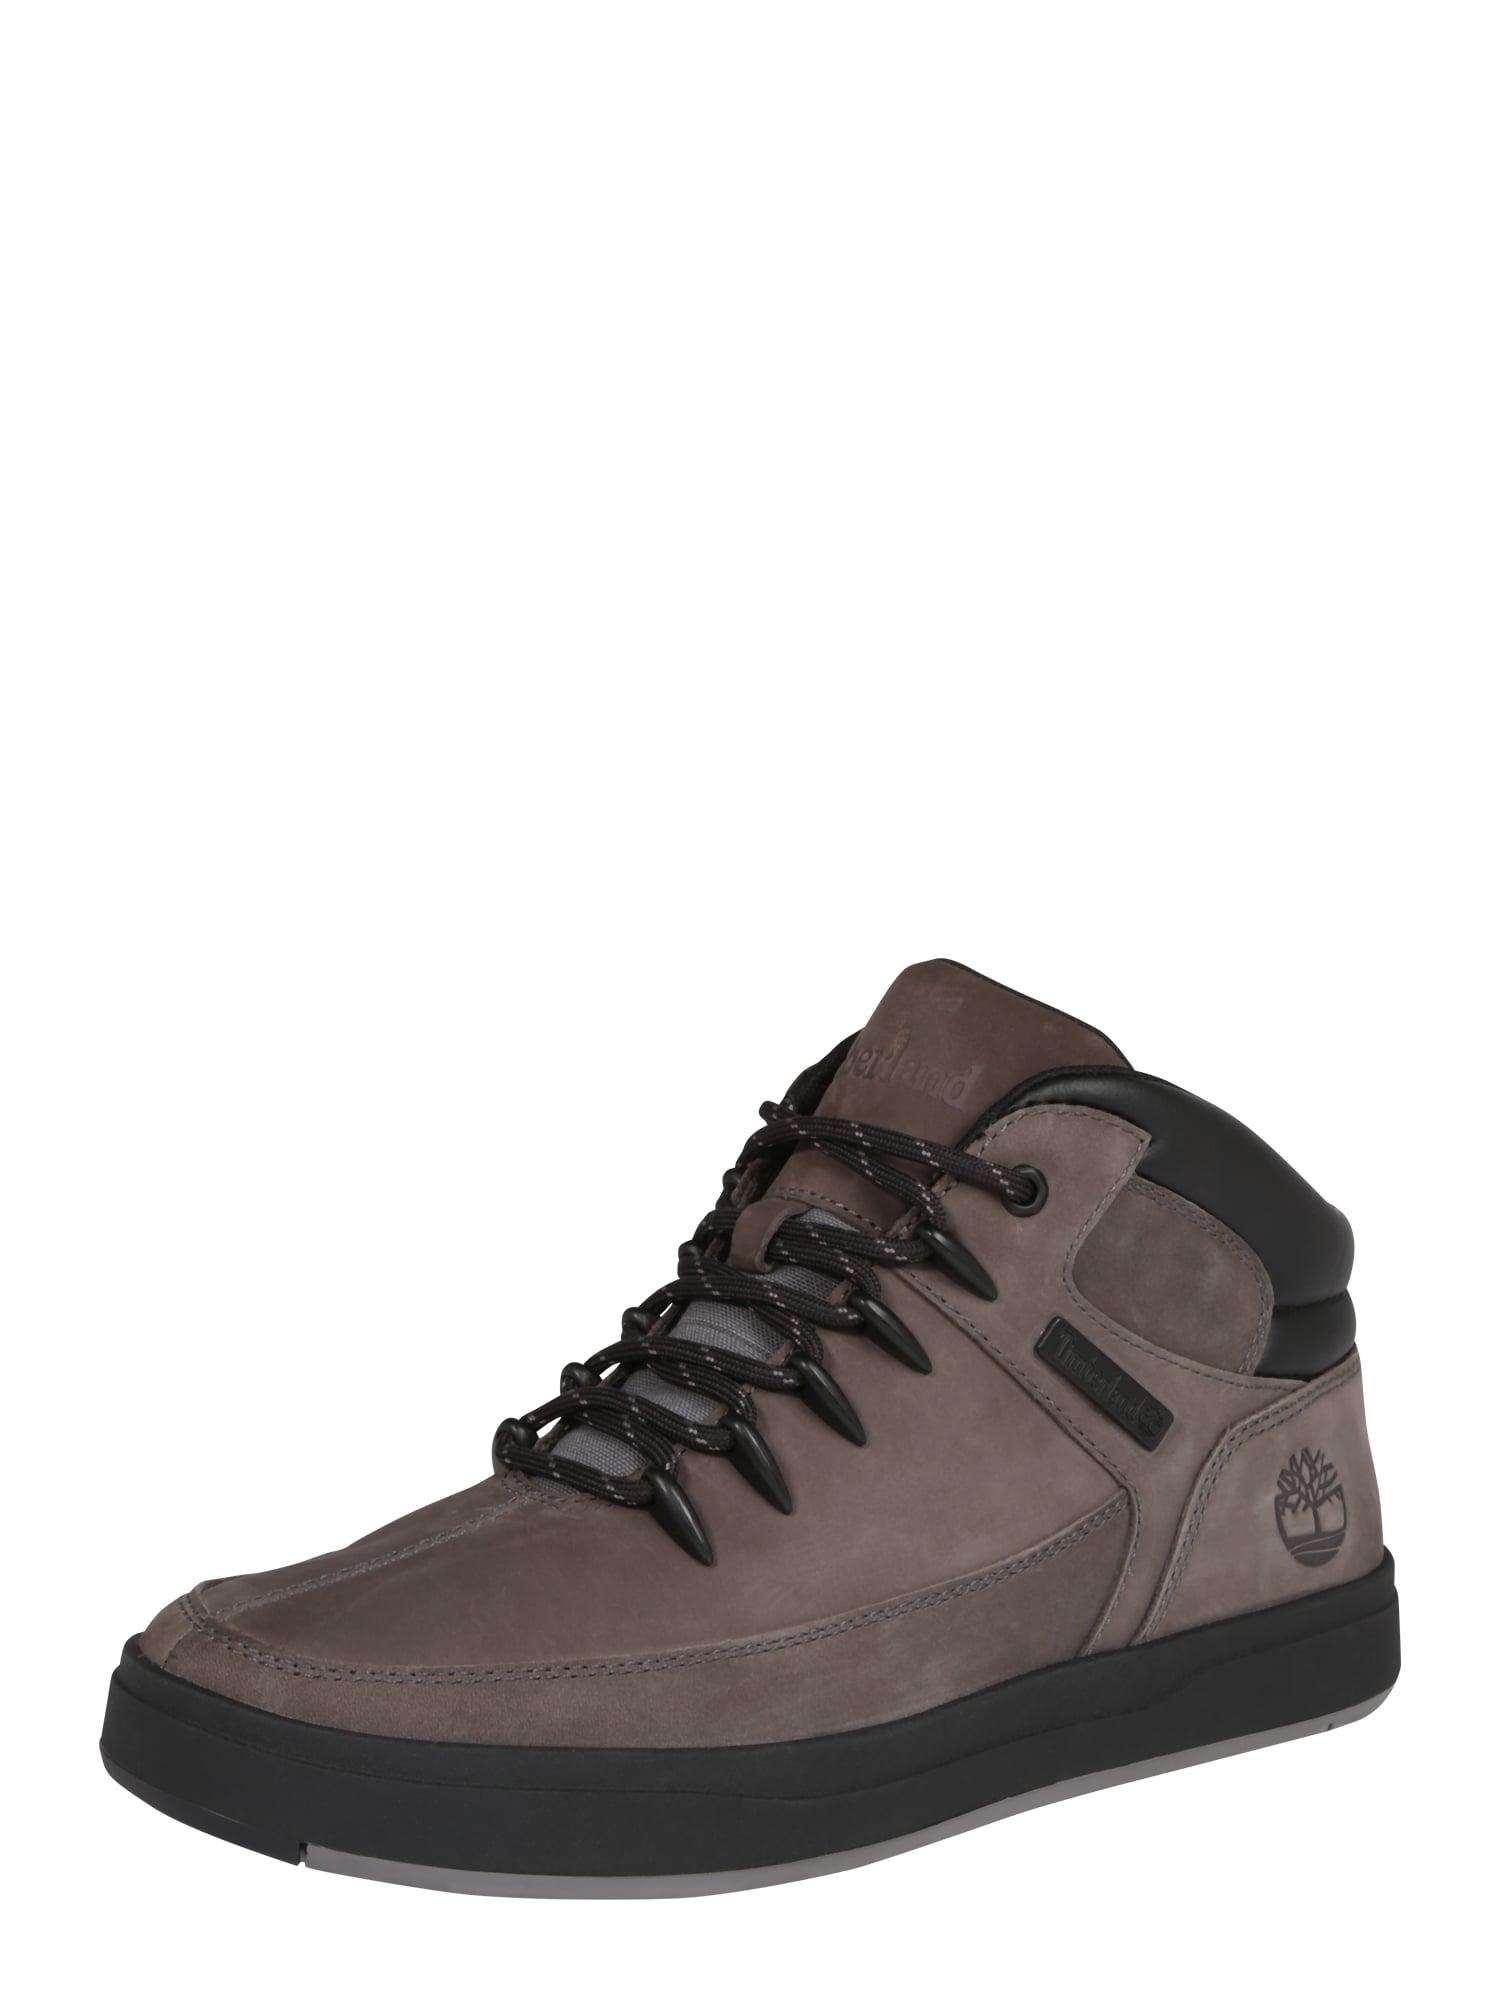 Wanderstiefel 'Davis' | Schuhe > Outdoorschuhe > Wanderstiefel | Timberland